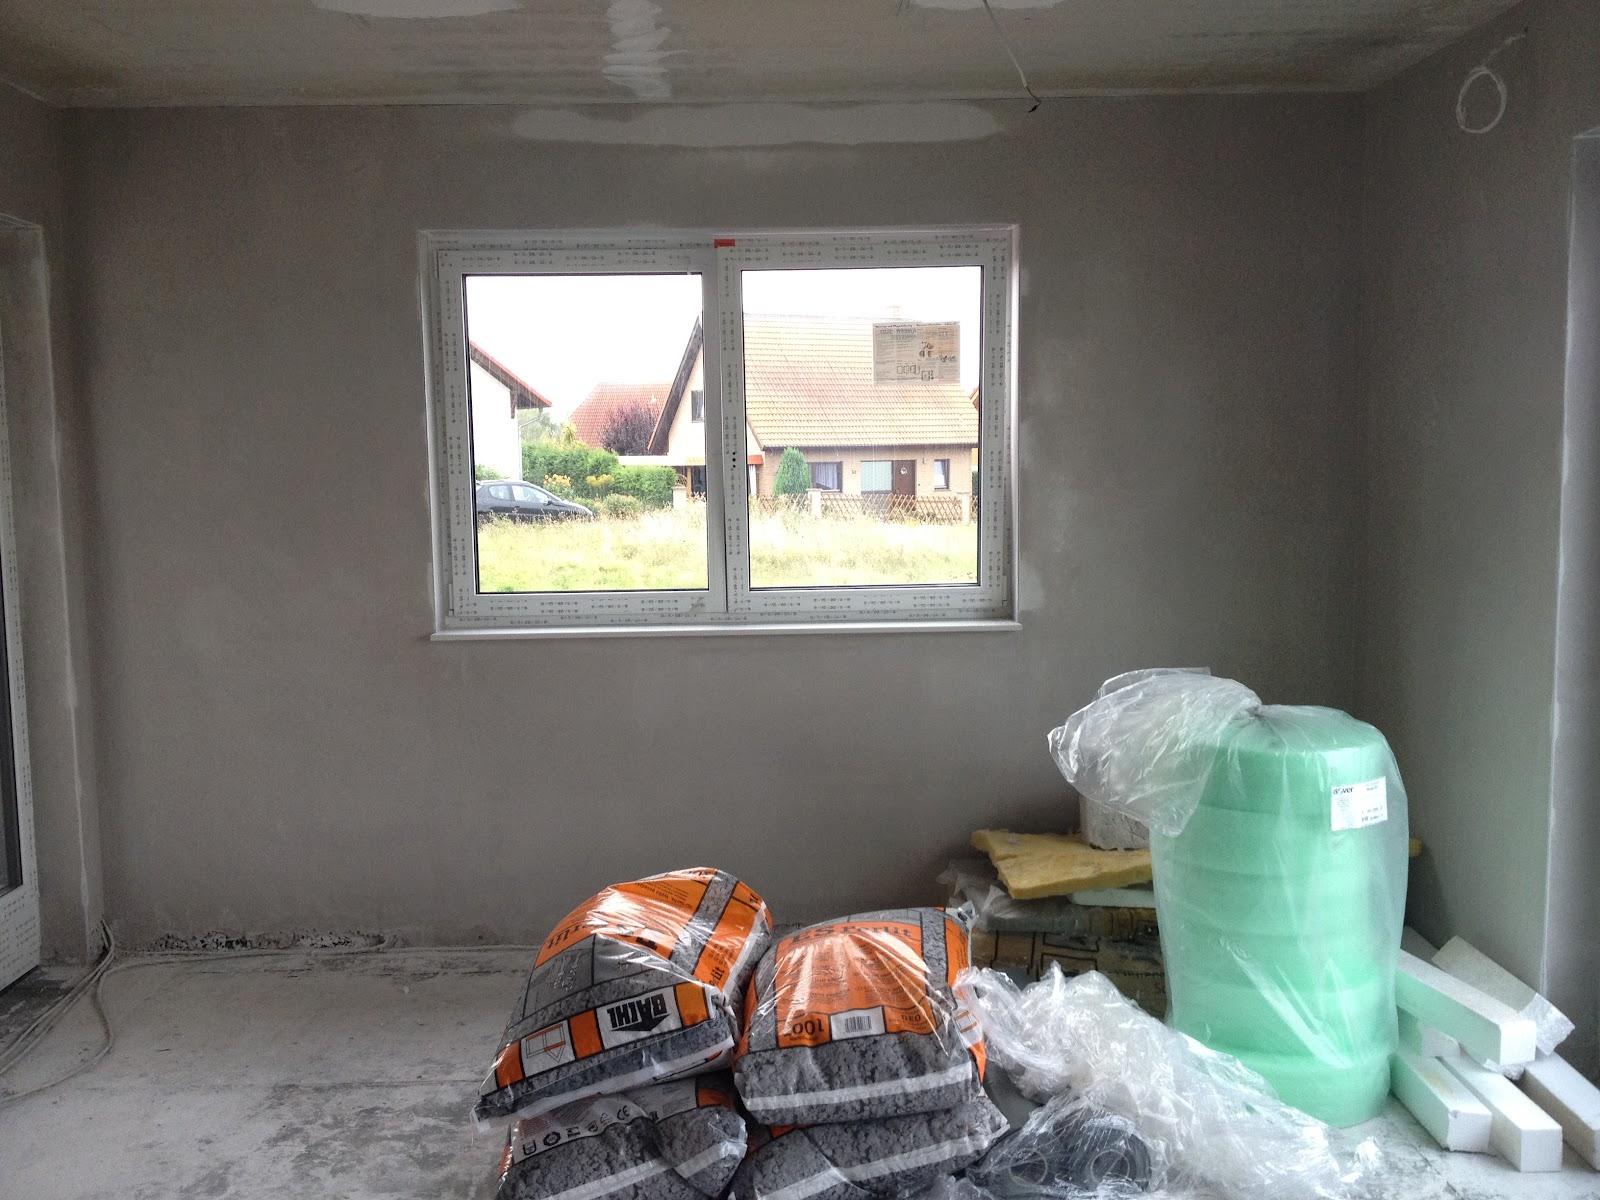 sicher ins eigenheim wir bauen ein haus september 2012. Black Bedroom Furniture Sets. Home Design Ideas